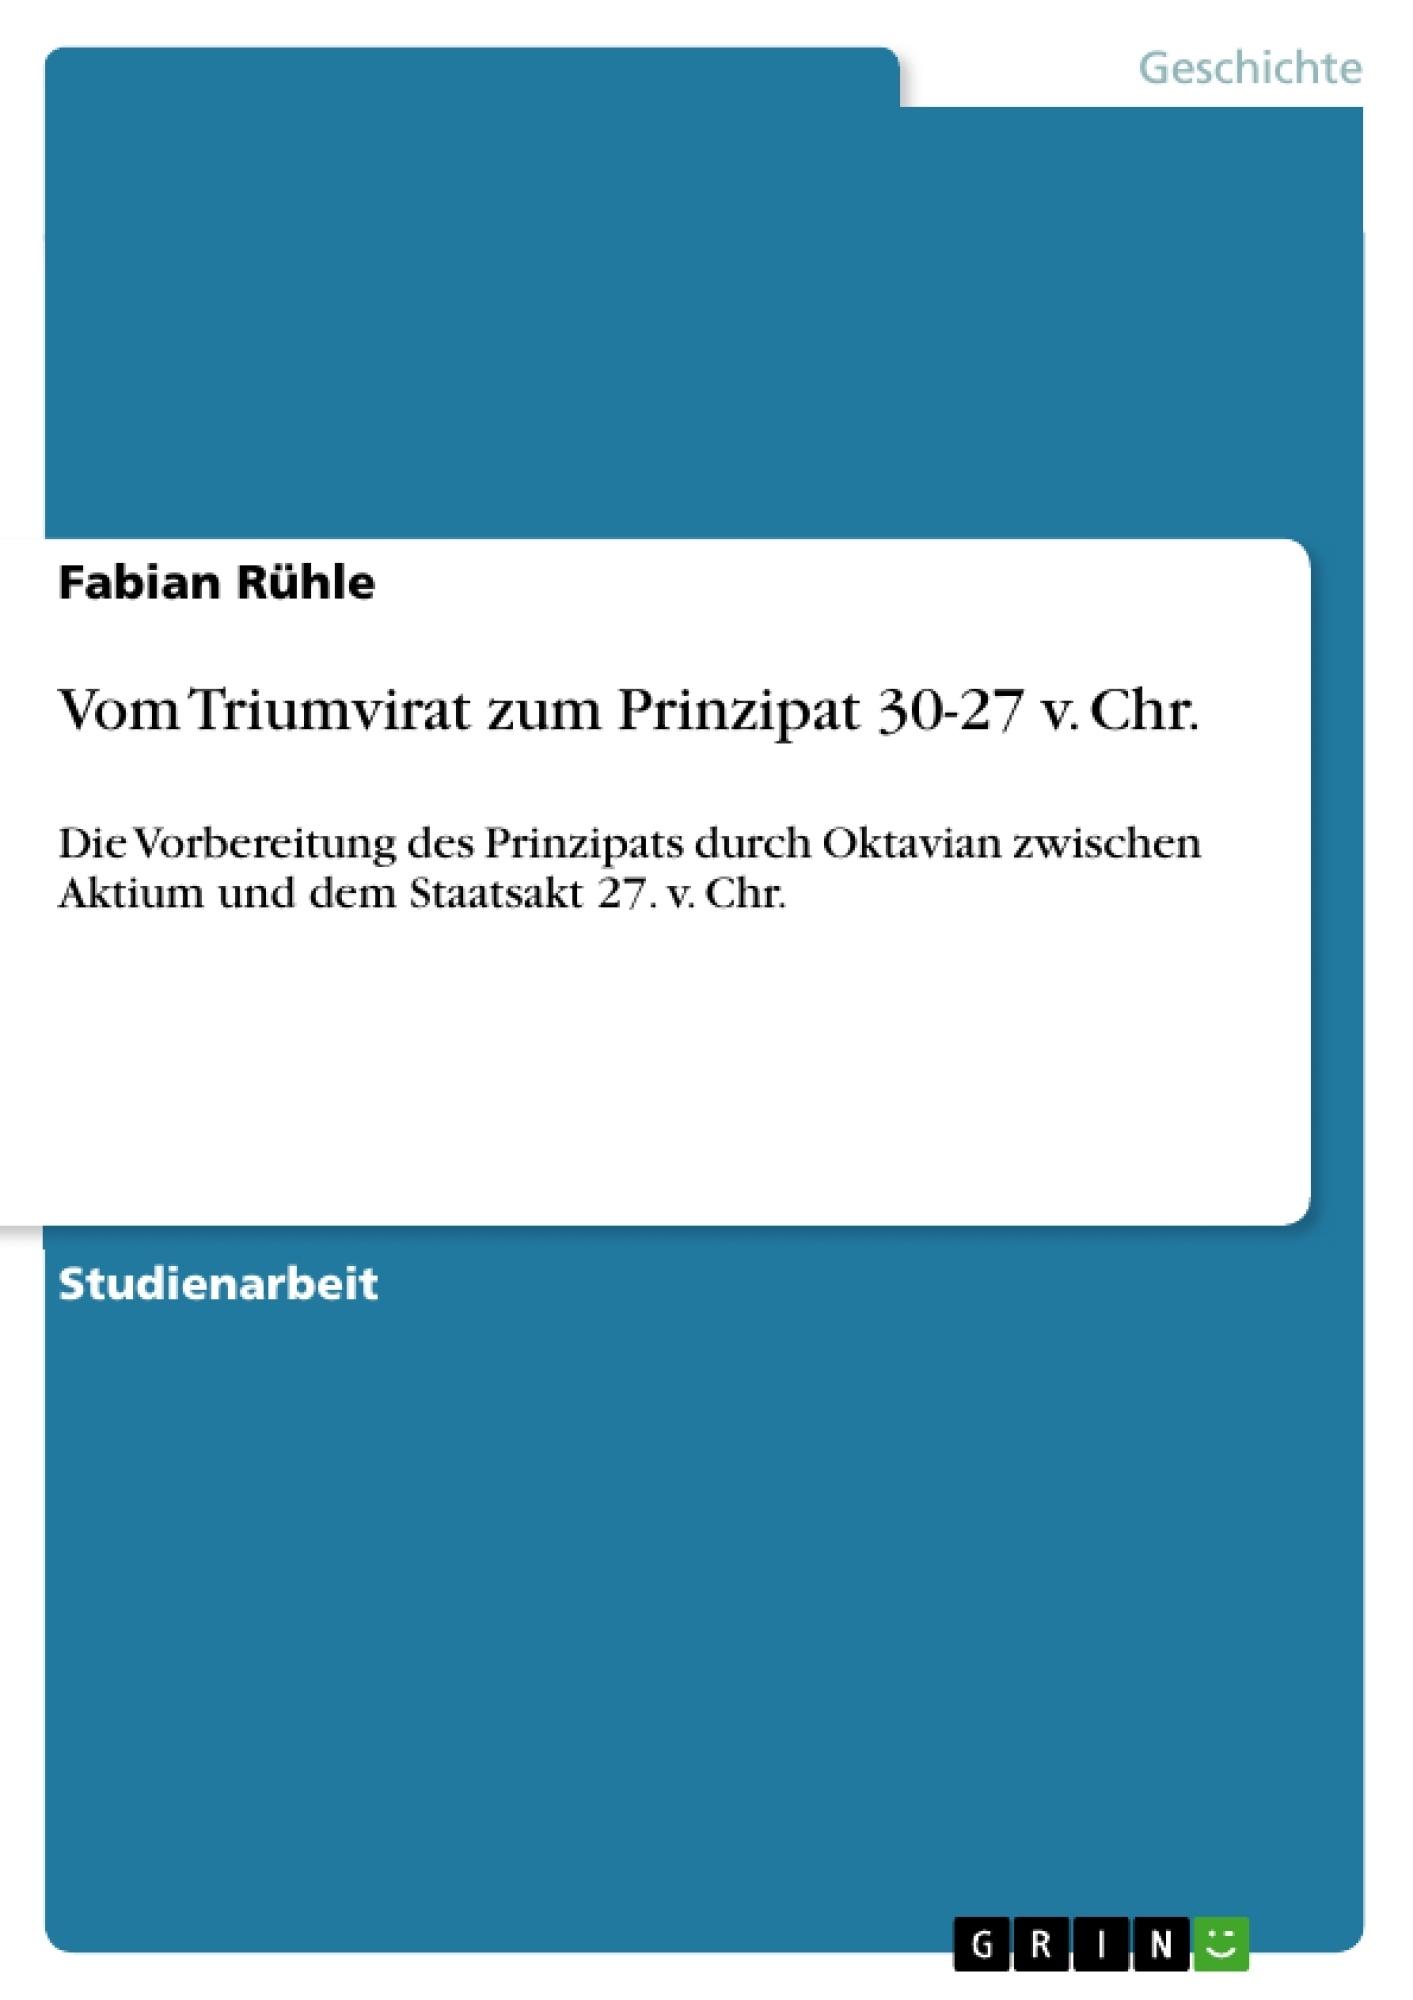 Titel: Vom Triumvirat zum Prinzipat 30-27 v. Chr.